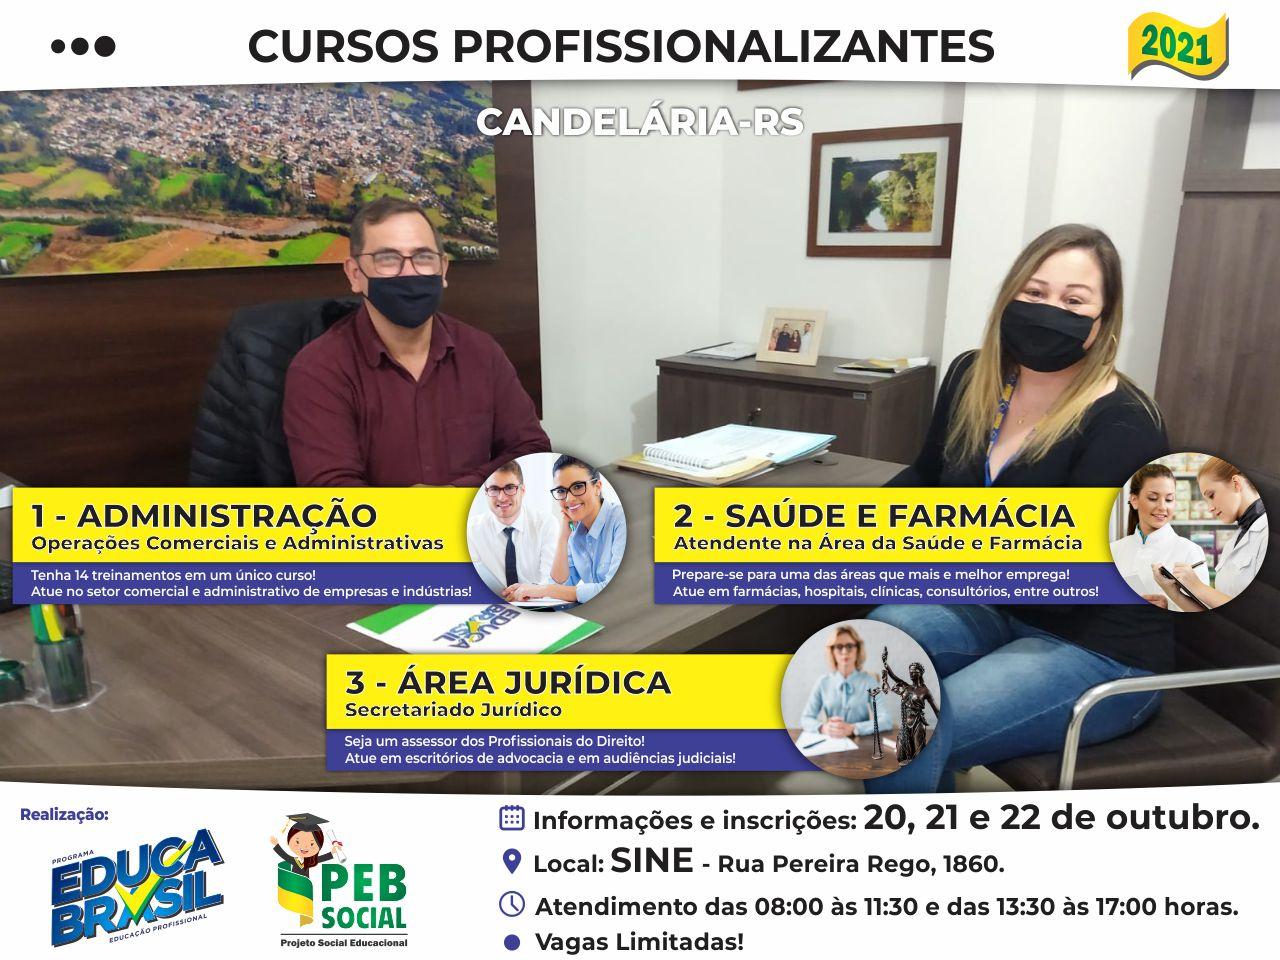 PEB Social   Cursos Profissionalizantes 2021   Candelária/RS